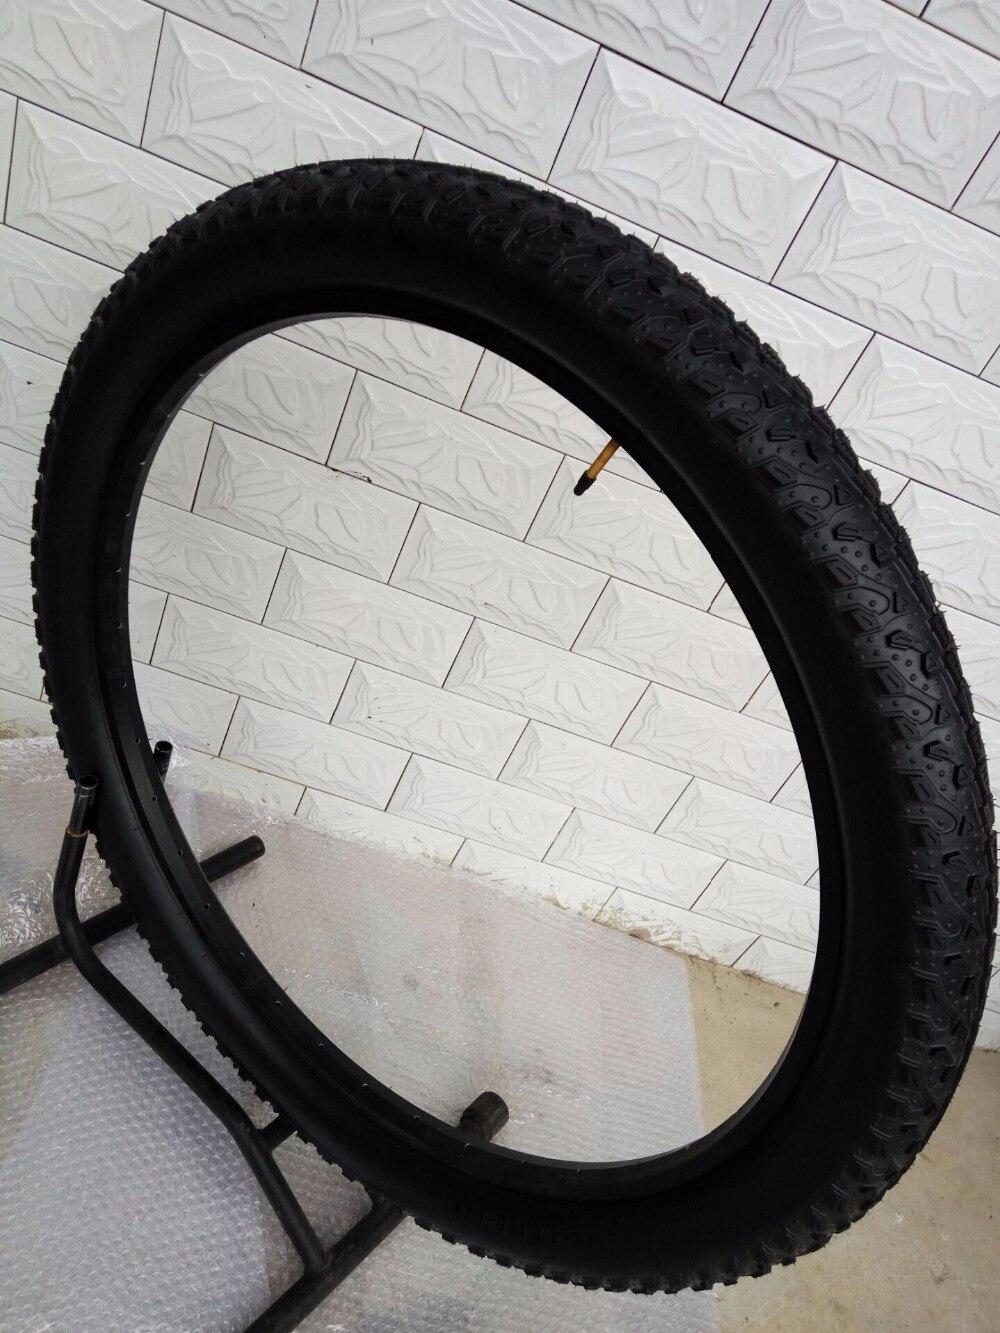 Цена за Бесплатная доставка в исходном 29er 26er MTB велосипед шины 26*3.0 26*3.0 DH Шин Сверхлегкий. носить Расширить Совместимость для Maxxis для kenda